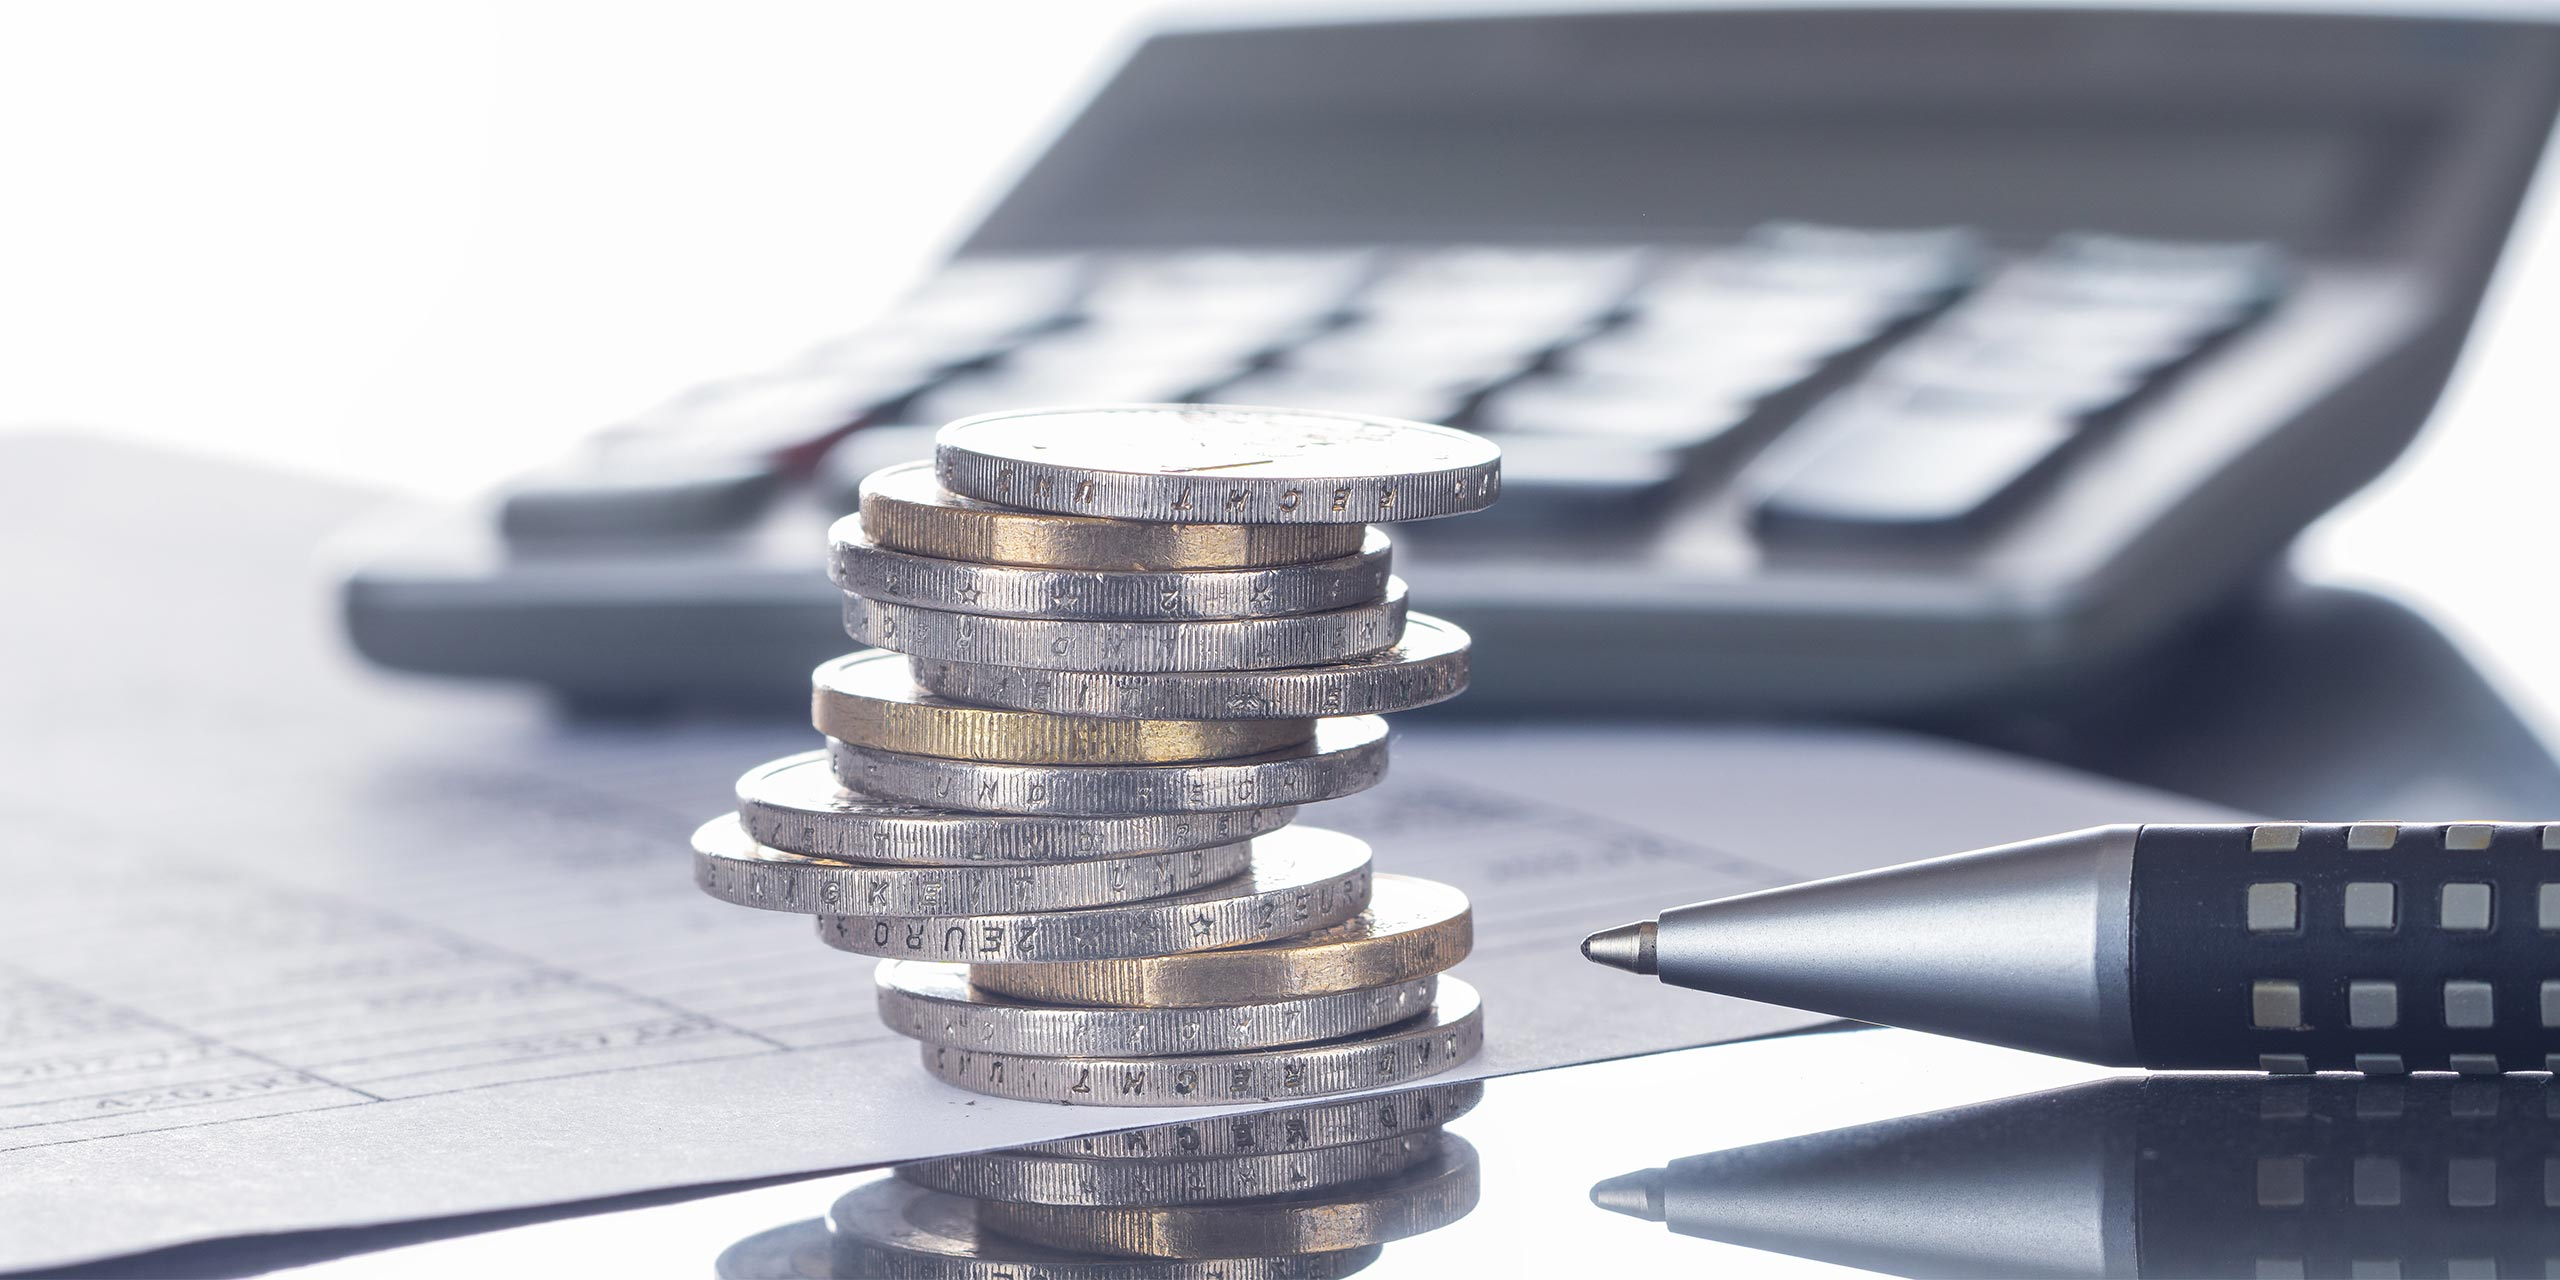 Symbolbild für die Auswirkungen der CO2-Bepreisung: Papier mit Tabelle, Stapel mit Euromünzen, Kugelschreiber und Taschenrechner auf Tisch.